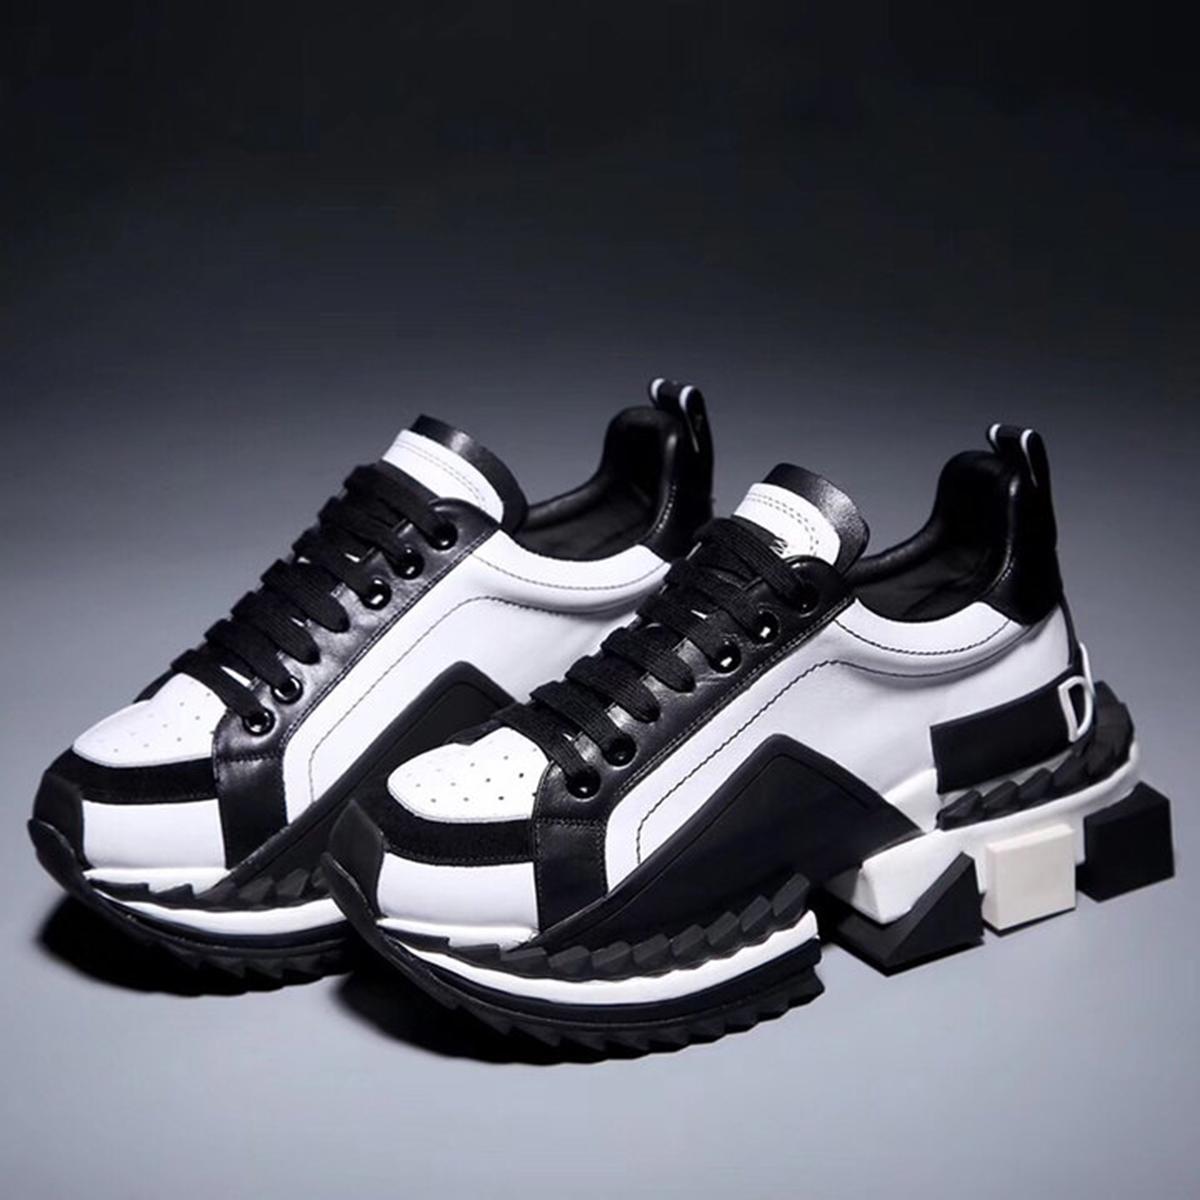 Топ мода Повседневная обувь кроссовки новая высокая версия досуг спорт толстое дно коровья пара мужчины и женщины круглая голова низкая верхняя обувь Type1